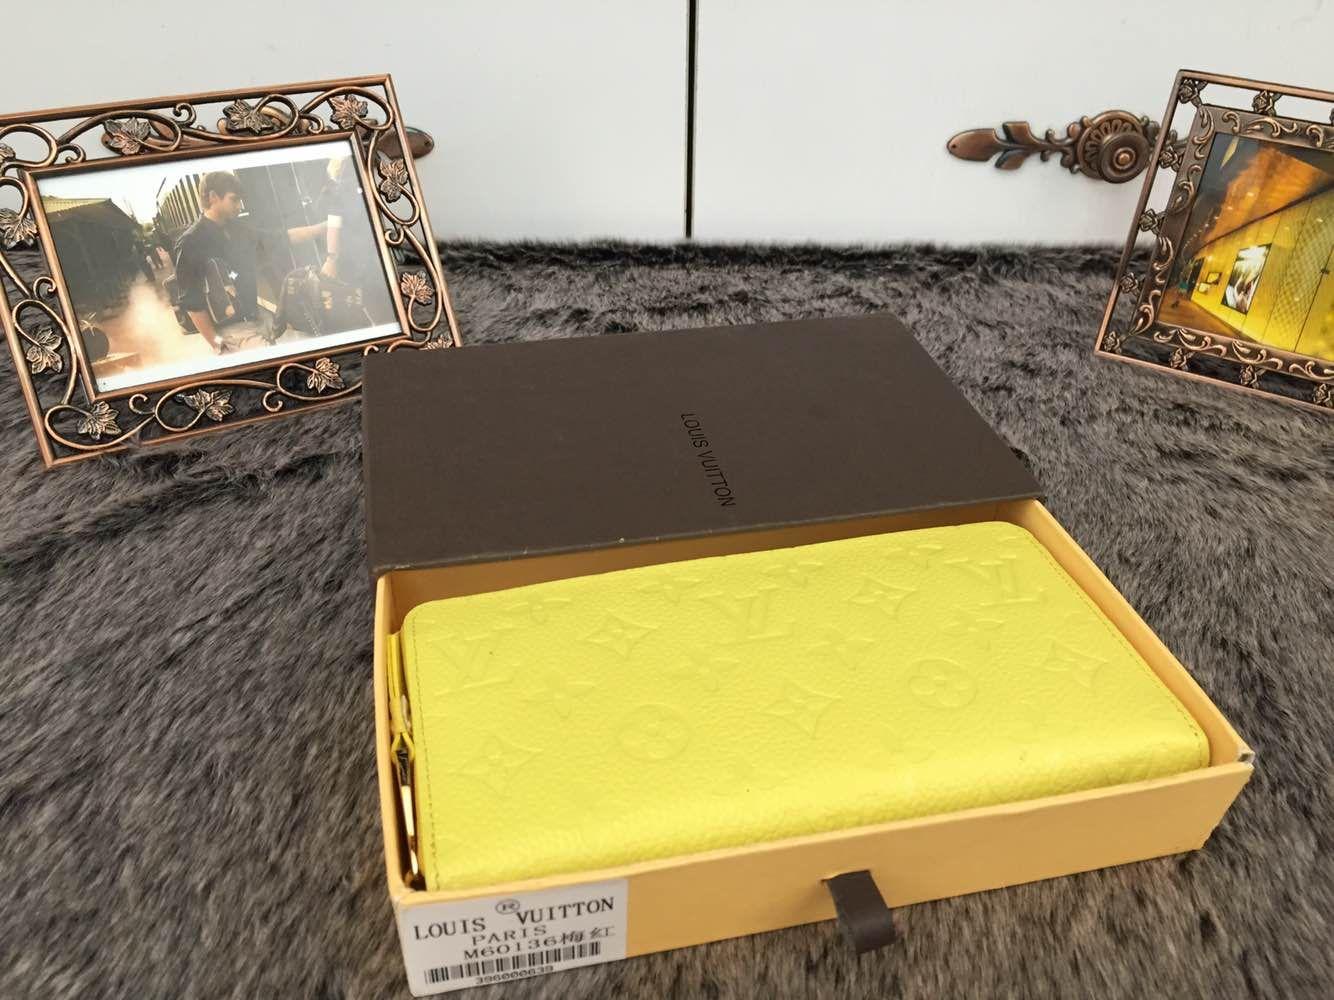 louis vuitton Wallet, ID : 22697(FORSALE:a@yybags.com), louis vuitton buy handbags online, louis vuitton discount purses, loius vuitton, louis vuitton designer bags, small louis vuitton handbags, louis vuitton organizer handbags, louis vuitton denim, www louisvuitton, price of a louis vuitton bag, louis vuitton leather messenger bag #louisvuittonWallet #louisvuitton #lous #vuitton #bag